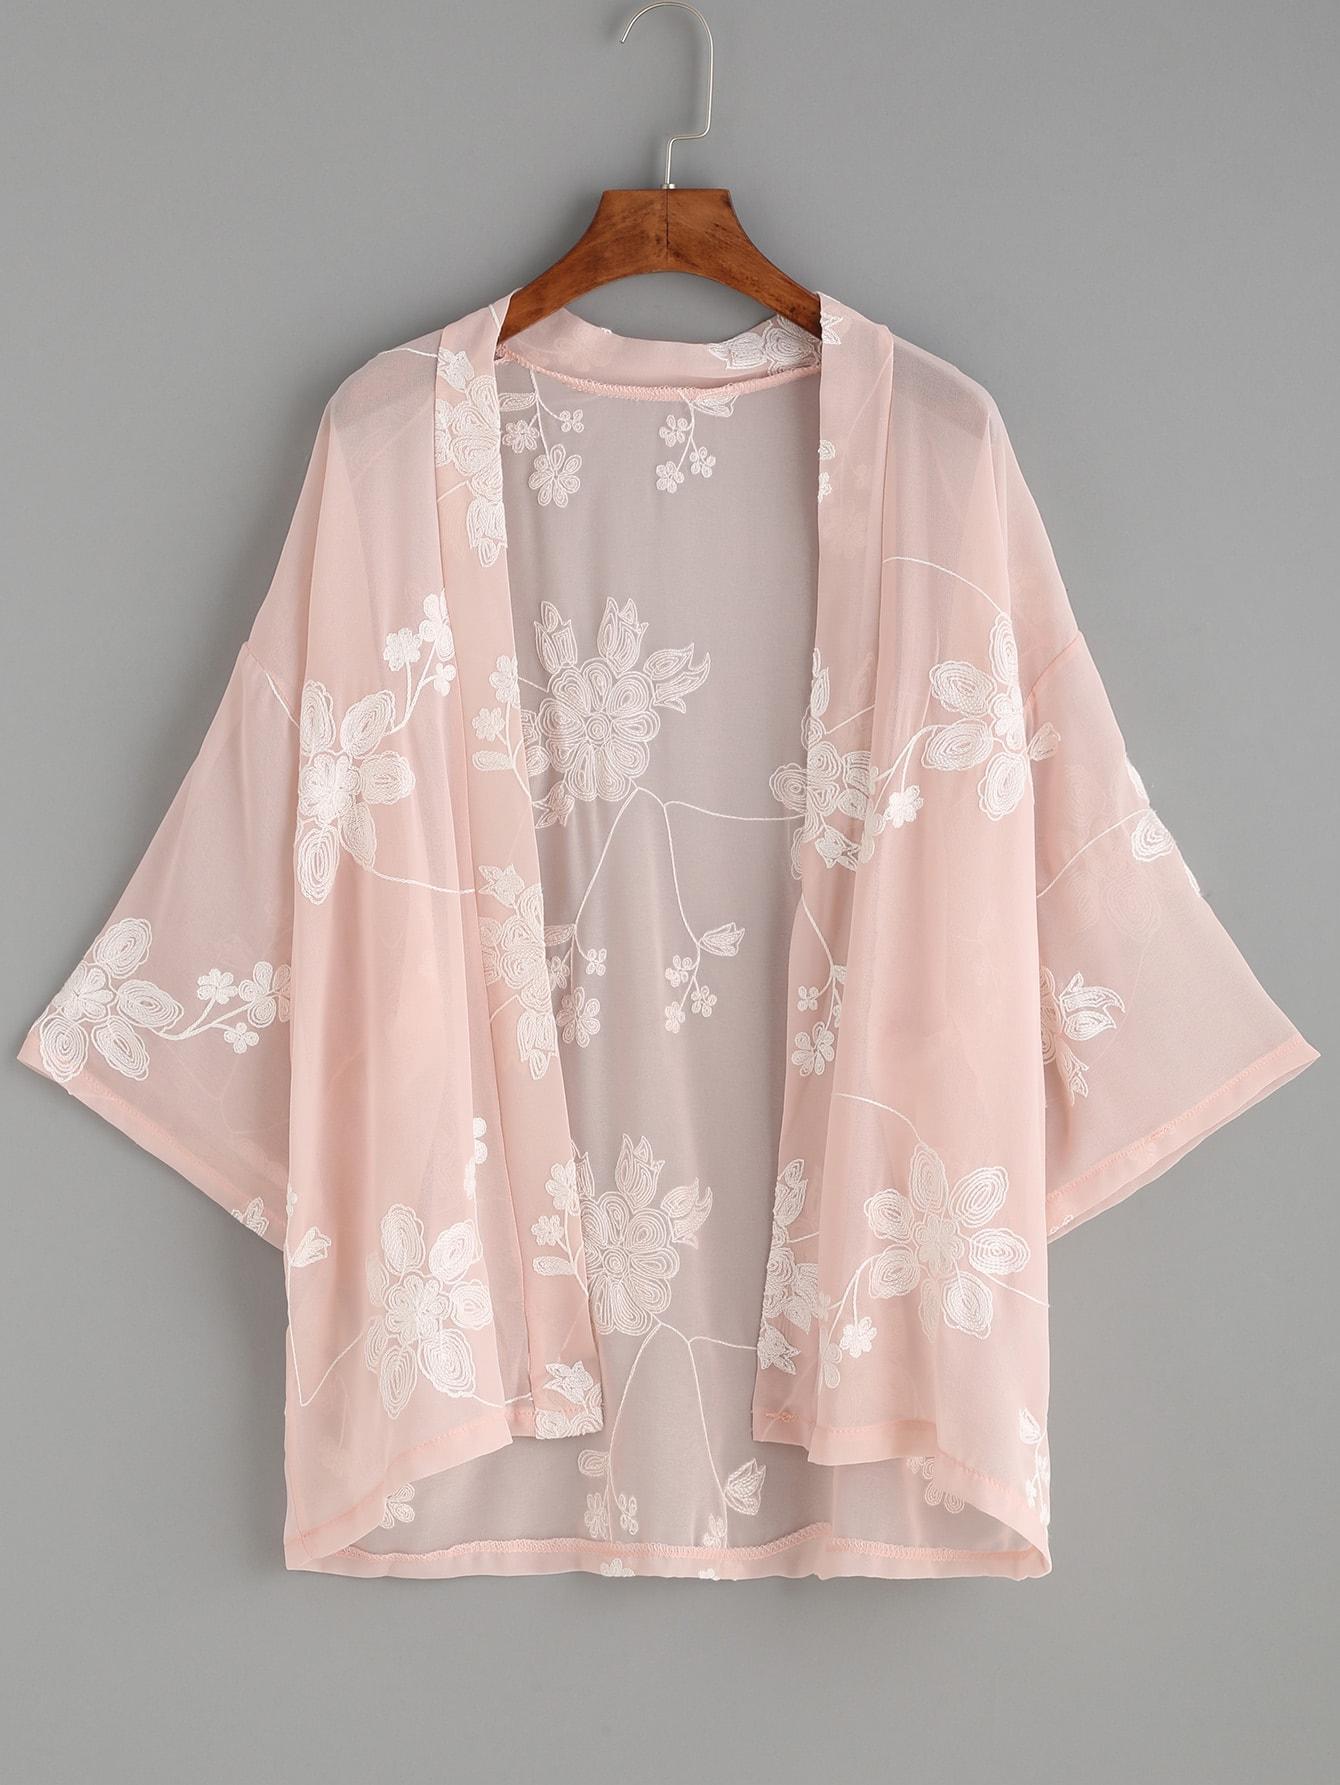 Pink Flower Embroidered KimonoPink Flower Embroidered Kimono<br><br>color: Pink<br>size: one-size